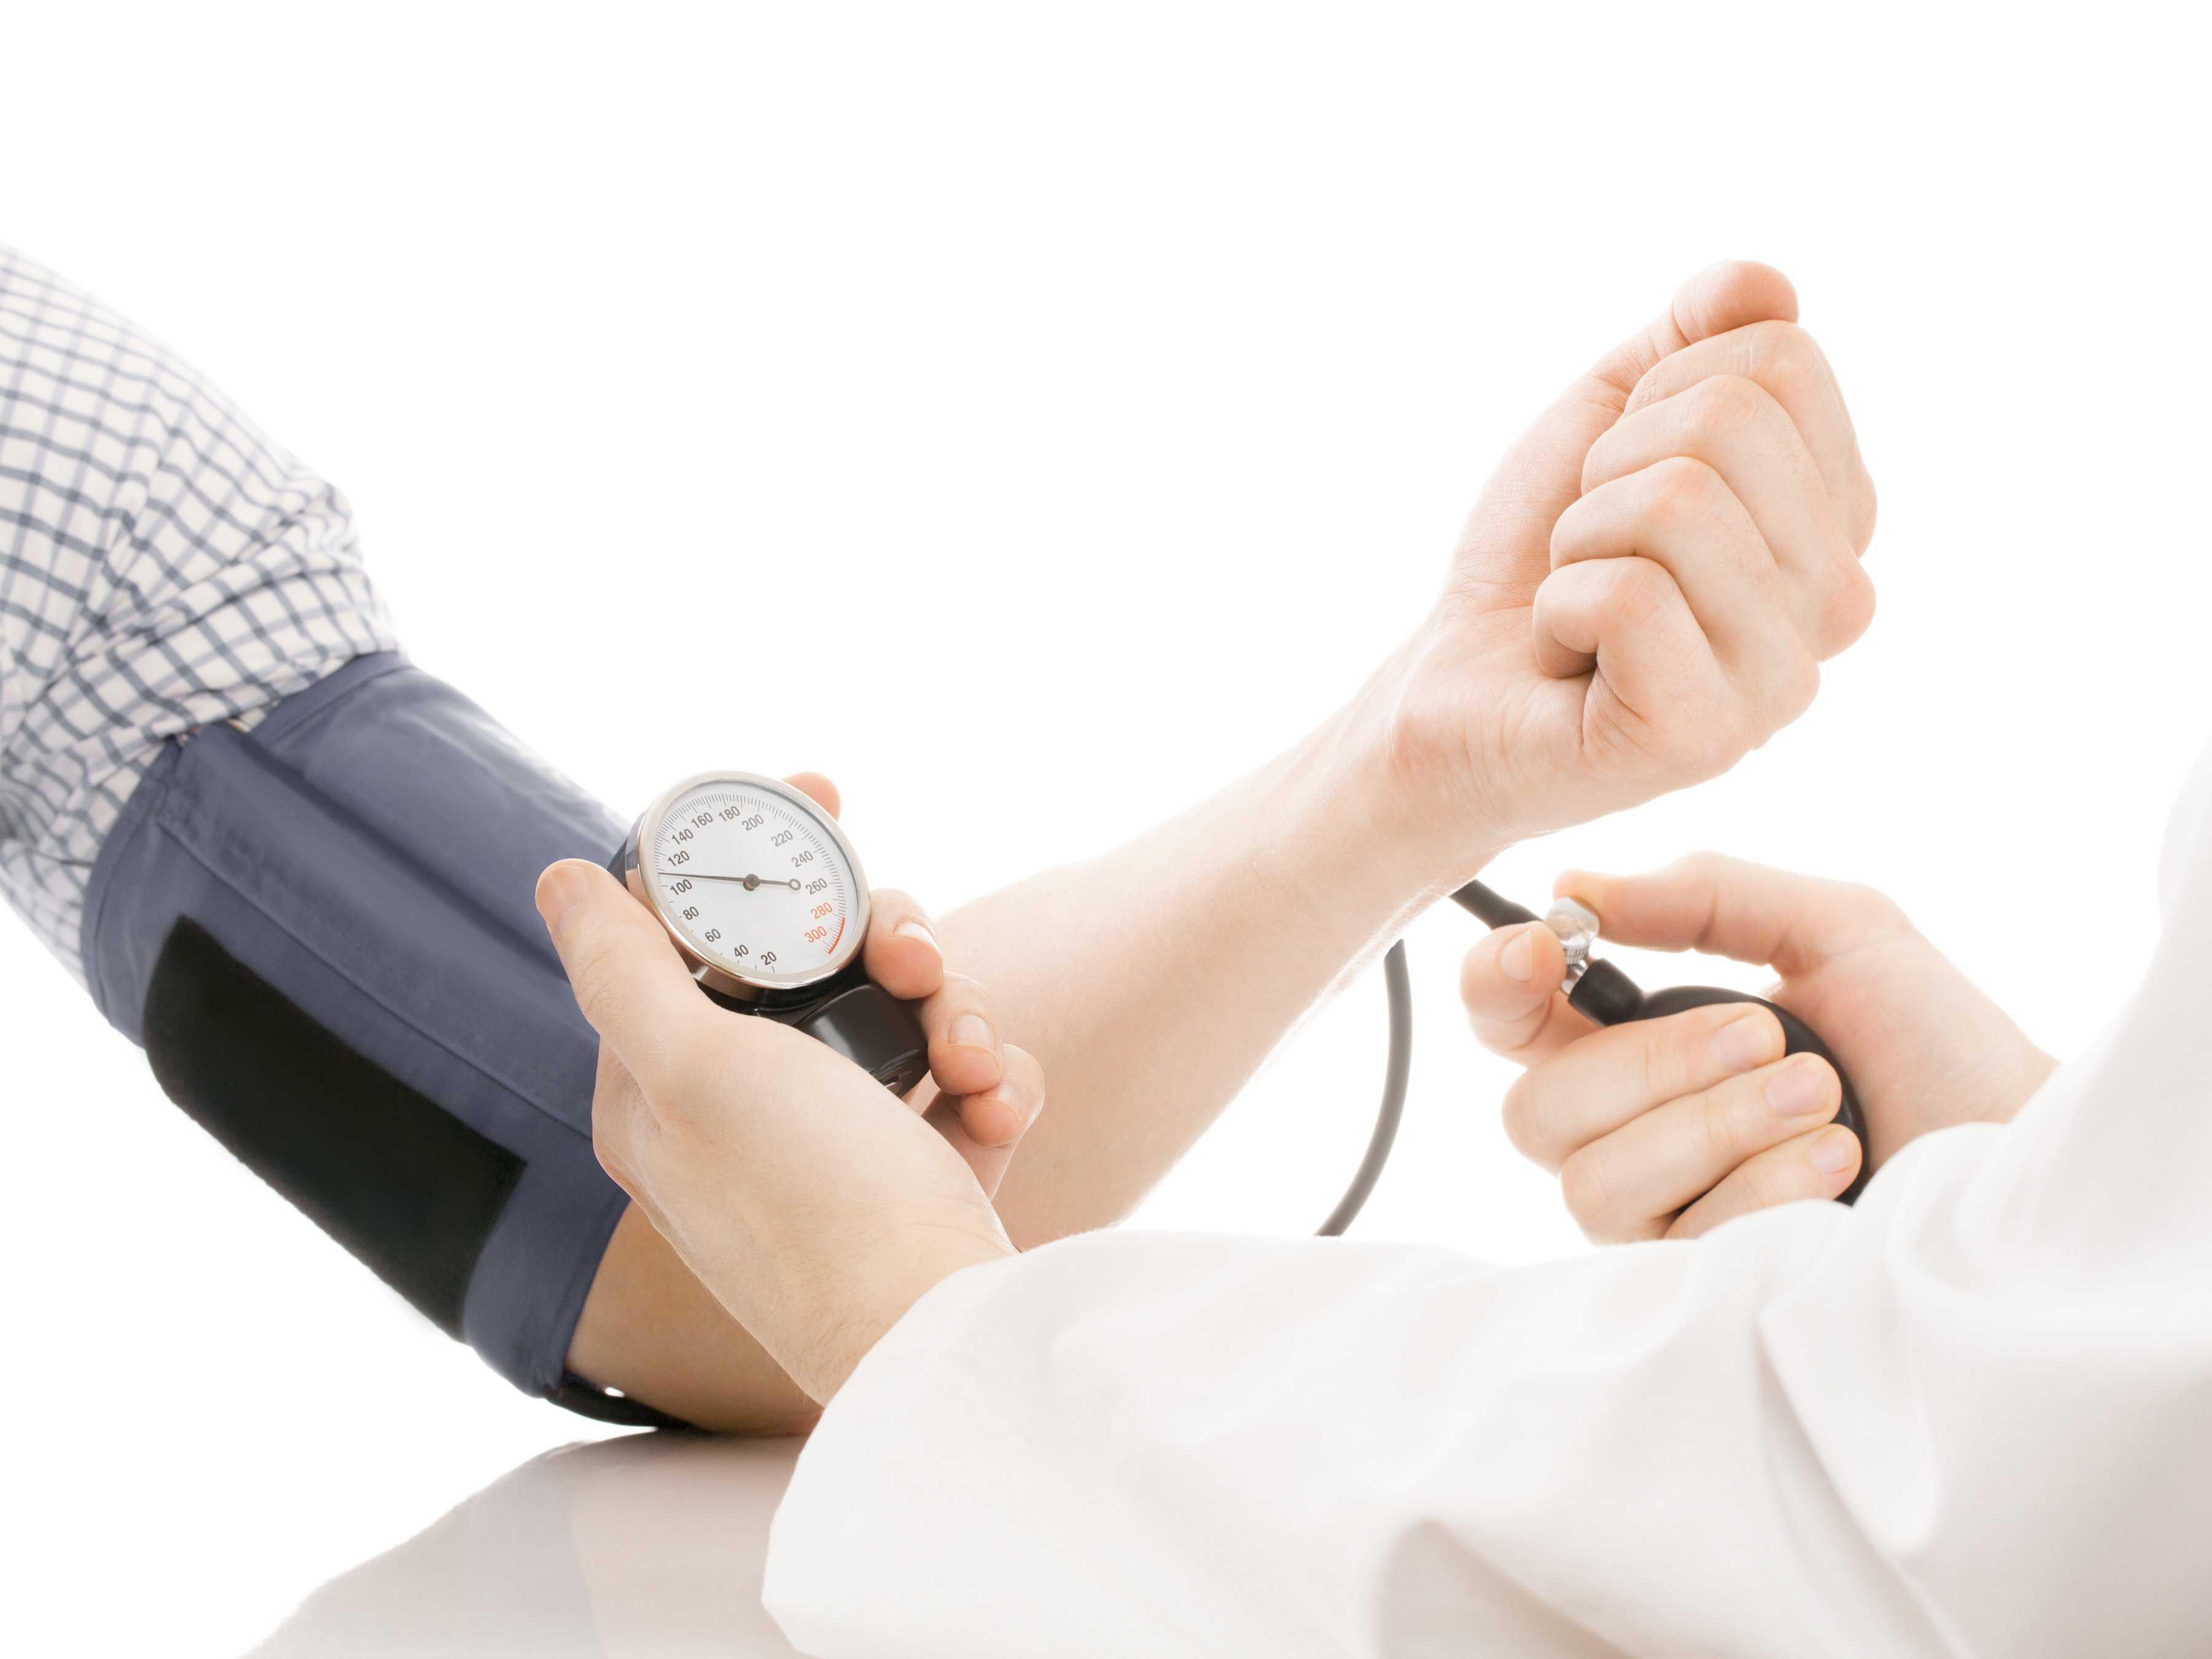 Давление 140 на 90 при беременности - как снизить и нужен ли врач